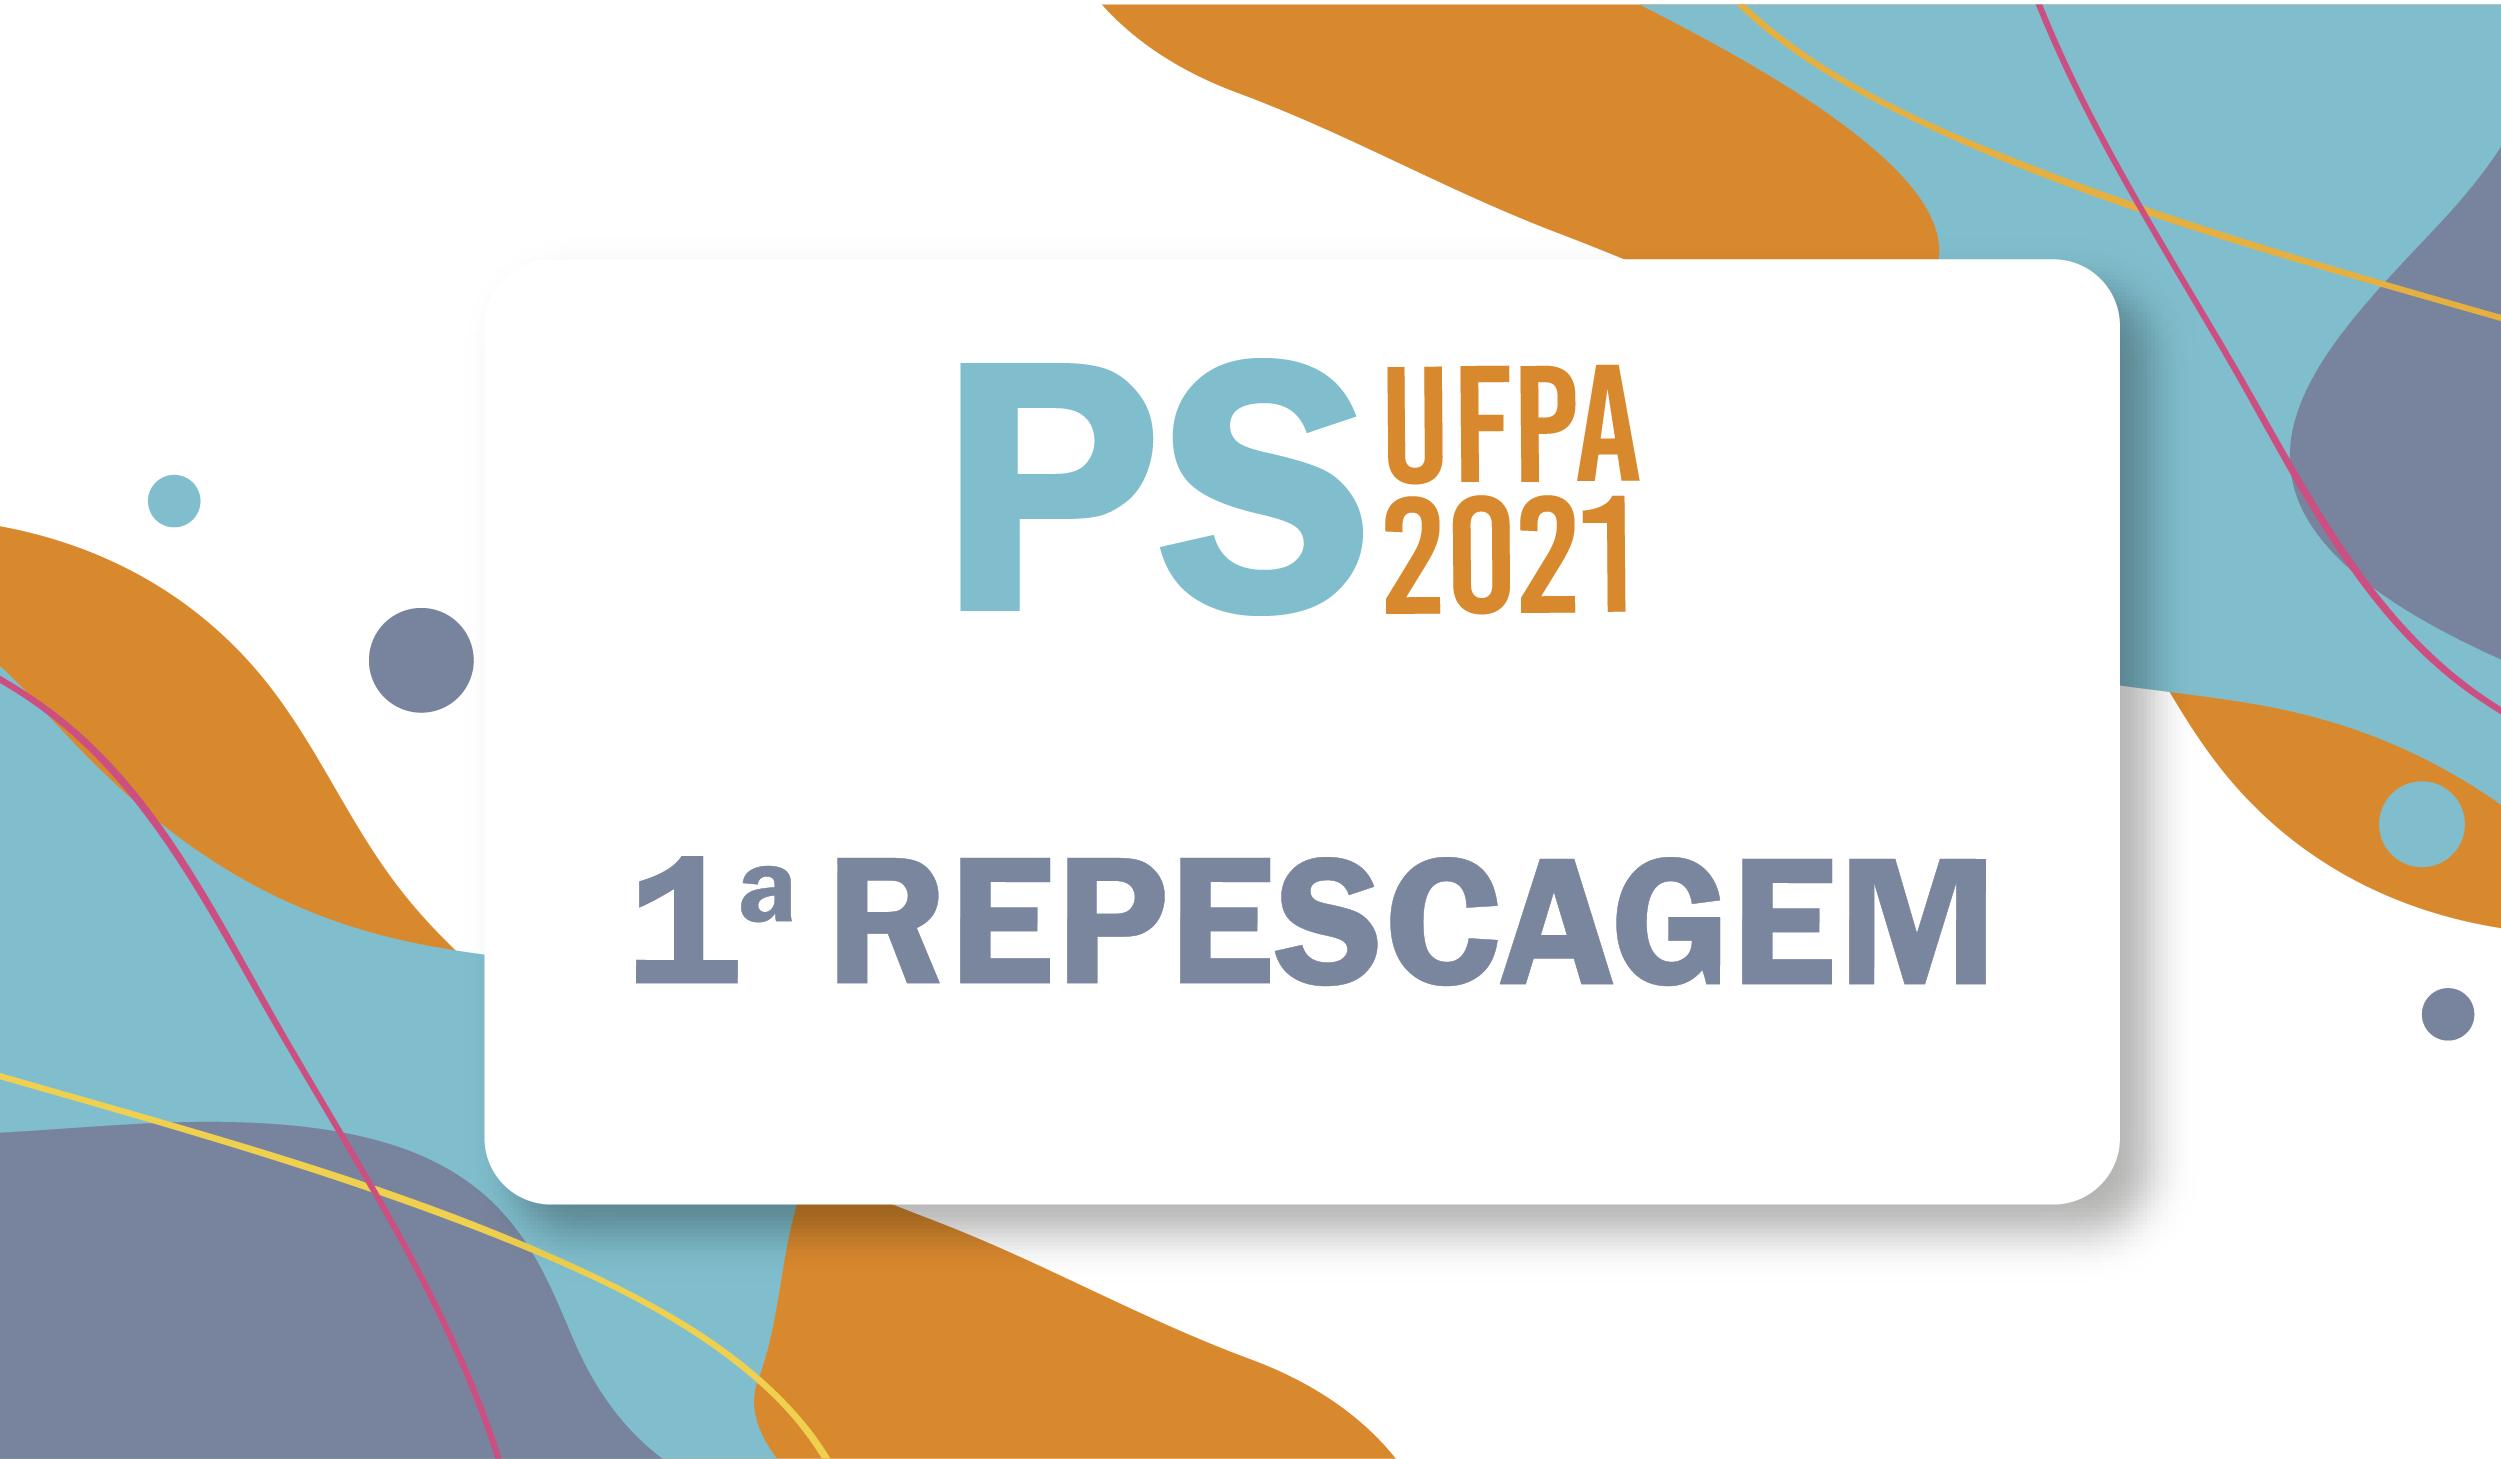 UFPA divulga a primeira repescagem do PS 2021